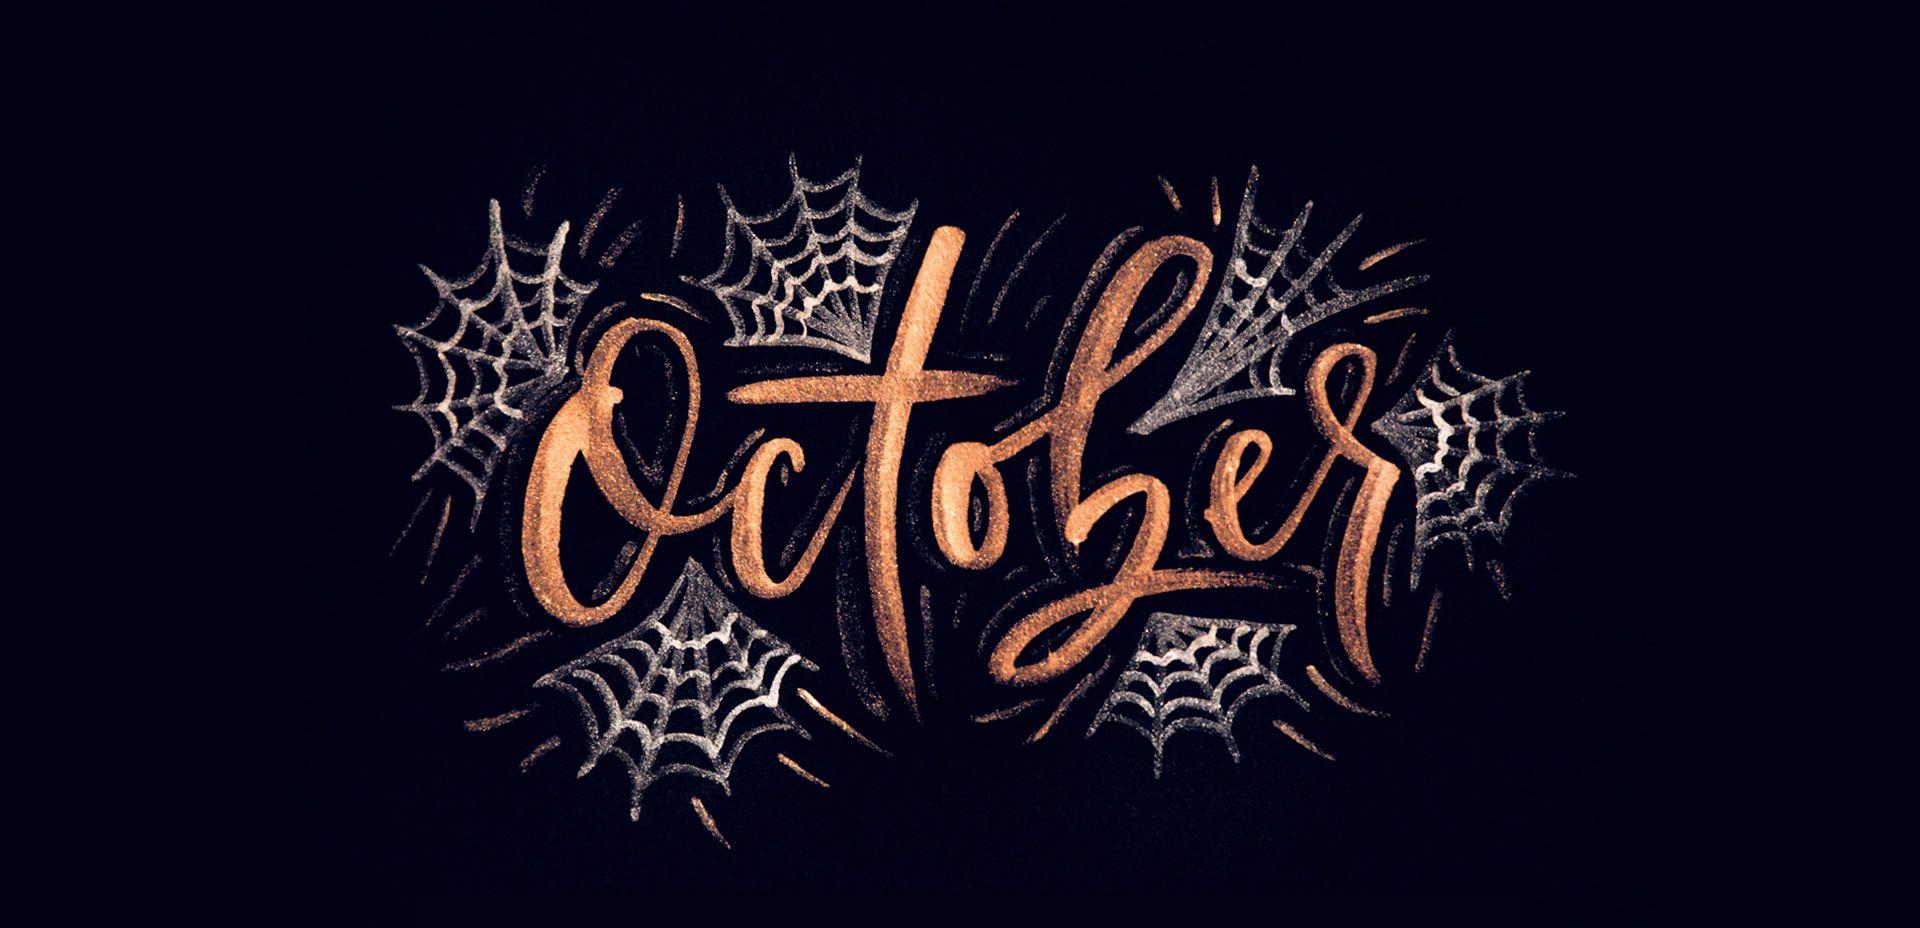 Aesthetic Halloween Wallpaper For Laptop